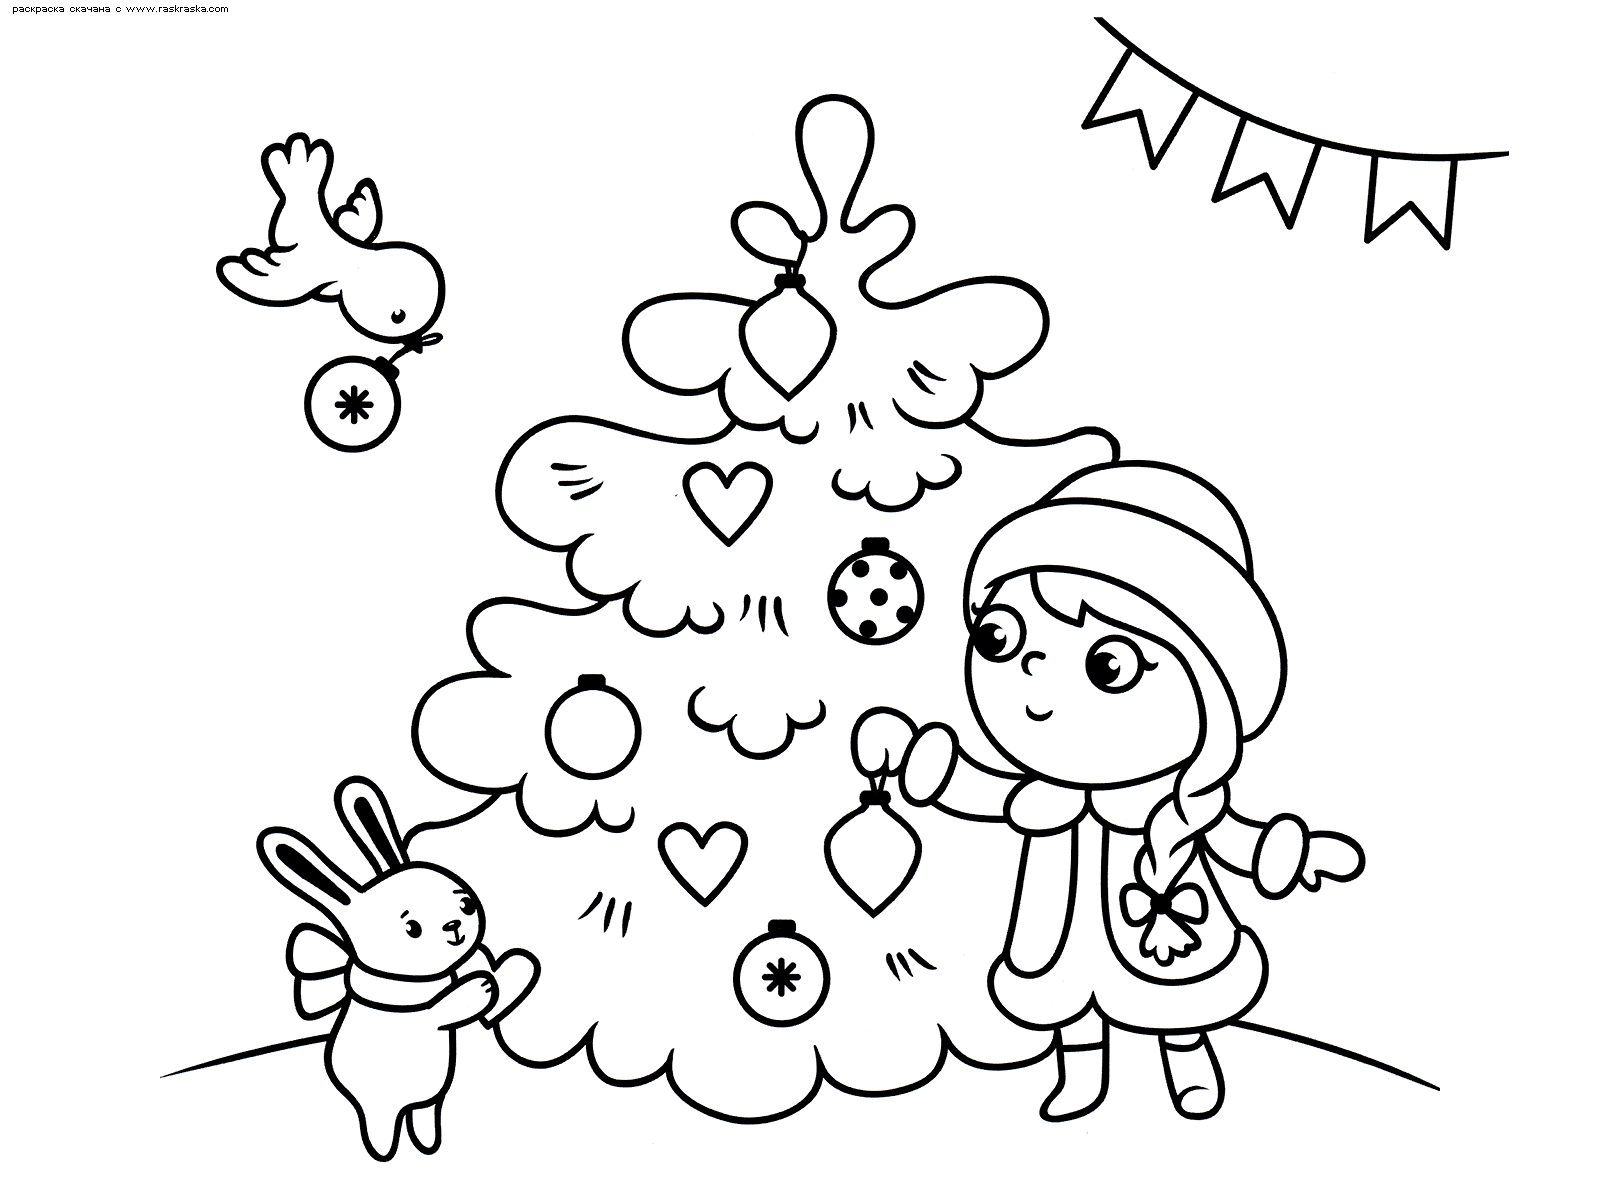 Раскраска Снегурочка у Елки. Раскраска снегурочка, елка, заяц